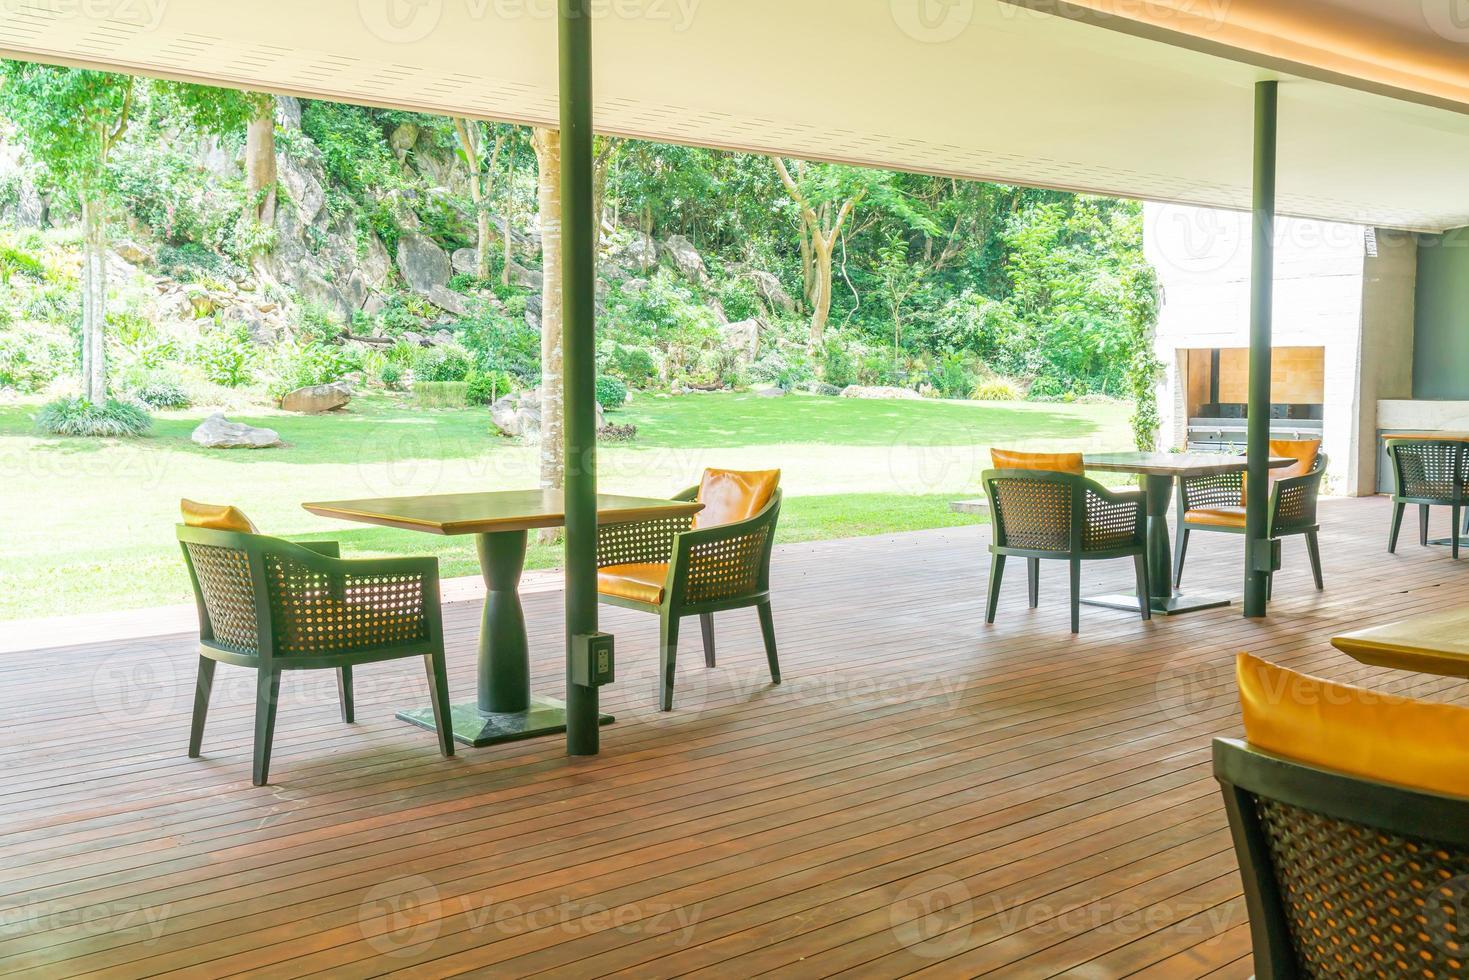 chaise de patio et table sur balcon avec fond de jardin photo